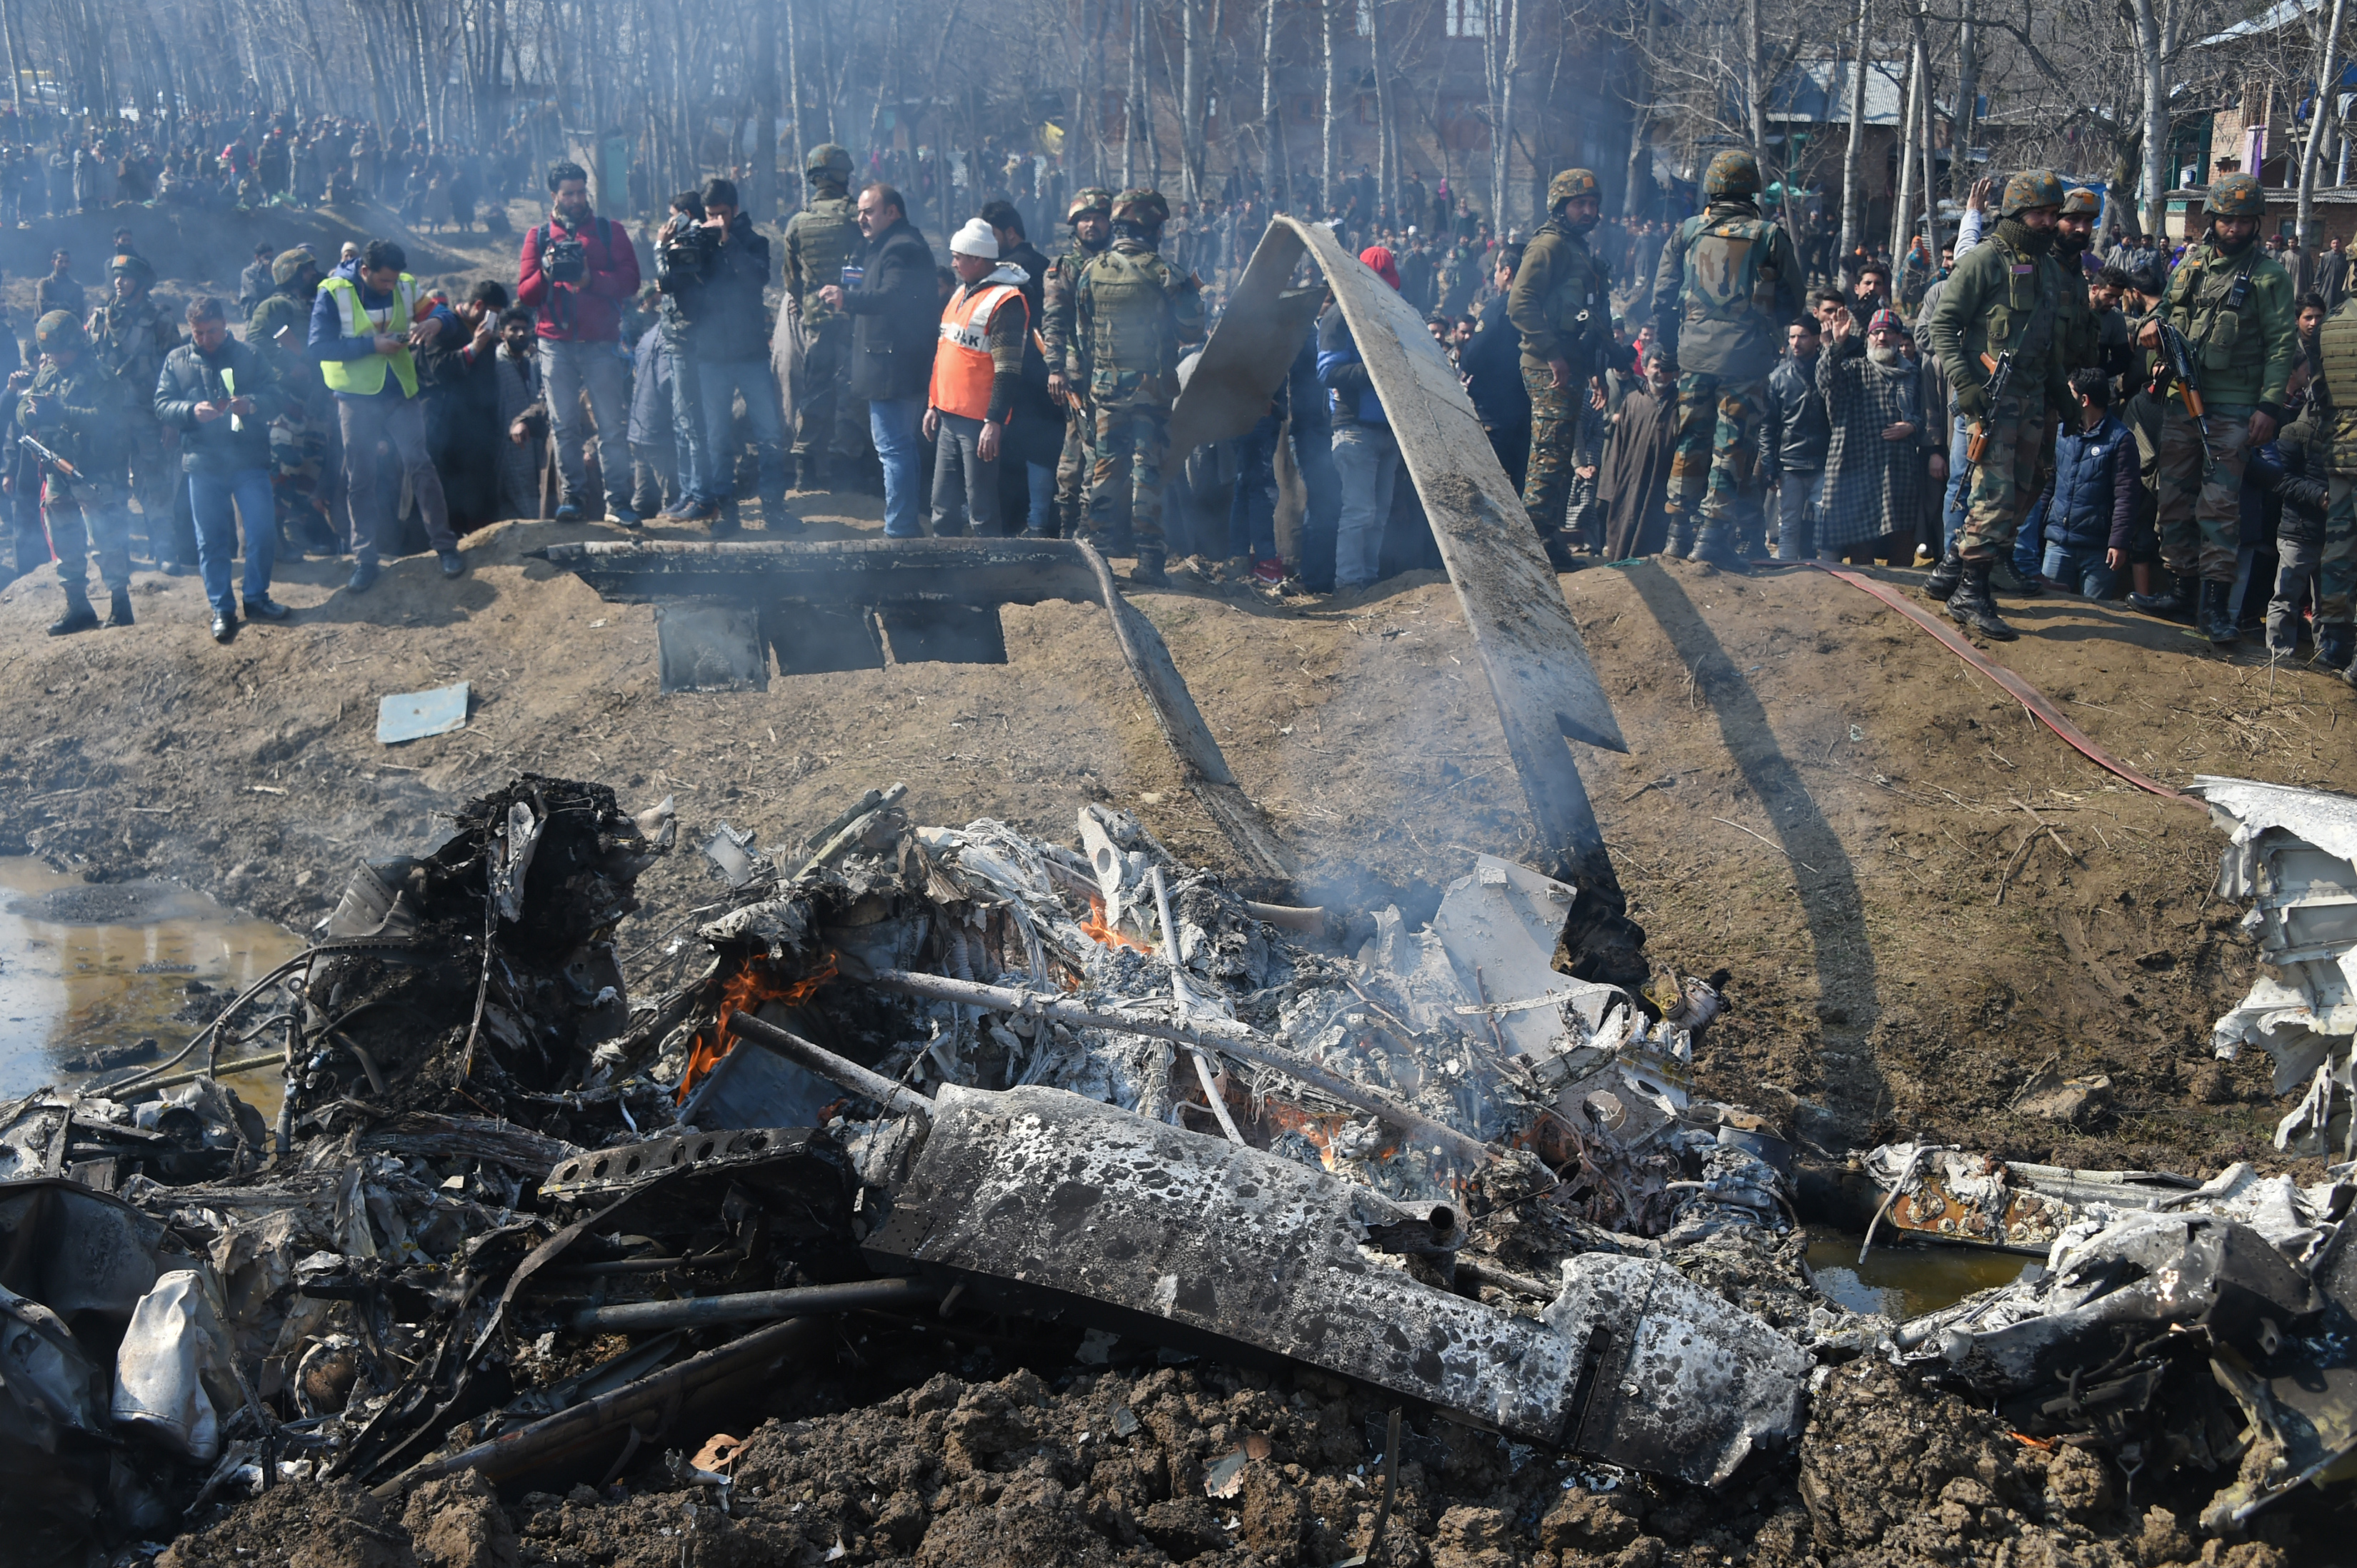 Los restos de un helicóptero Mil-17 que cayó en el lado indio de la frontera (Photo by Tauseef MUSTAFA / AFP)